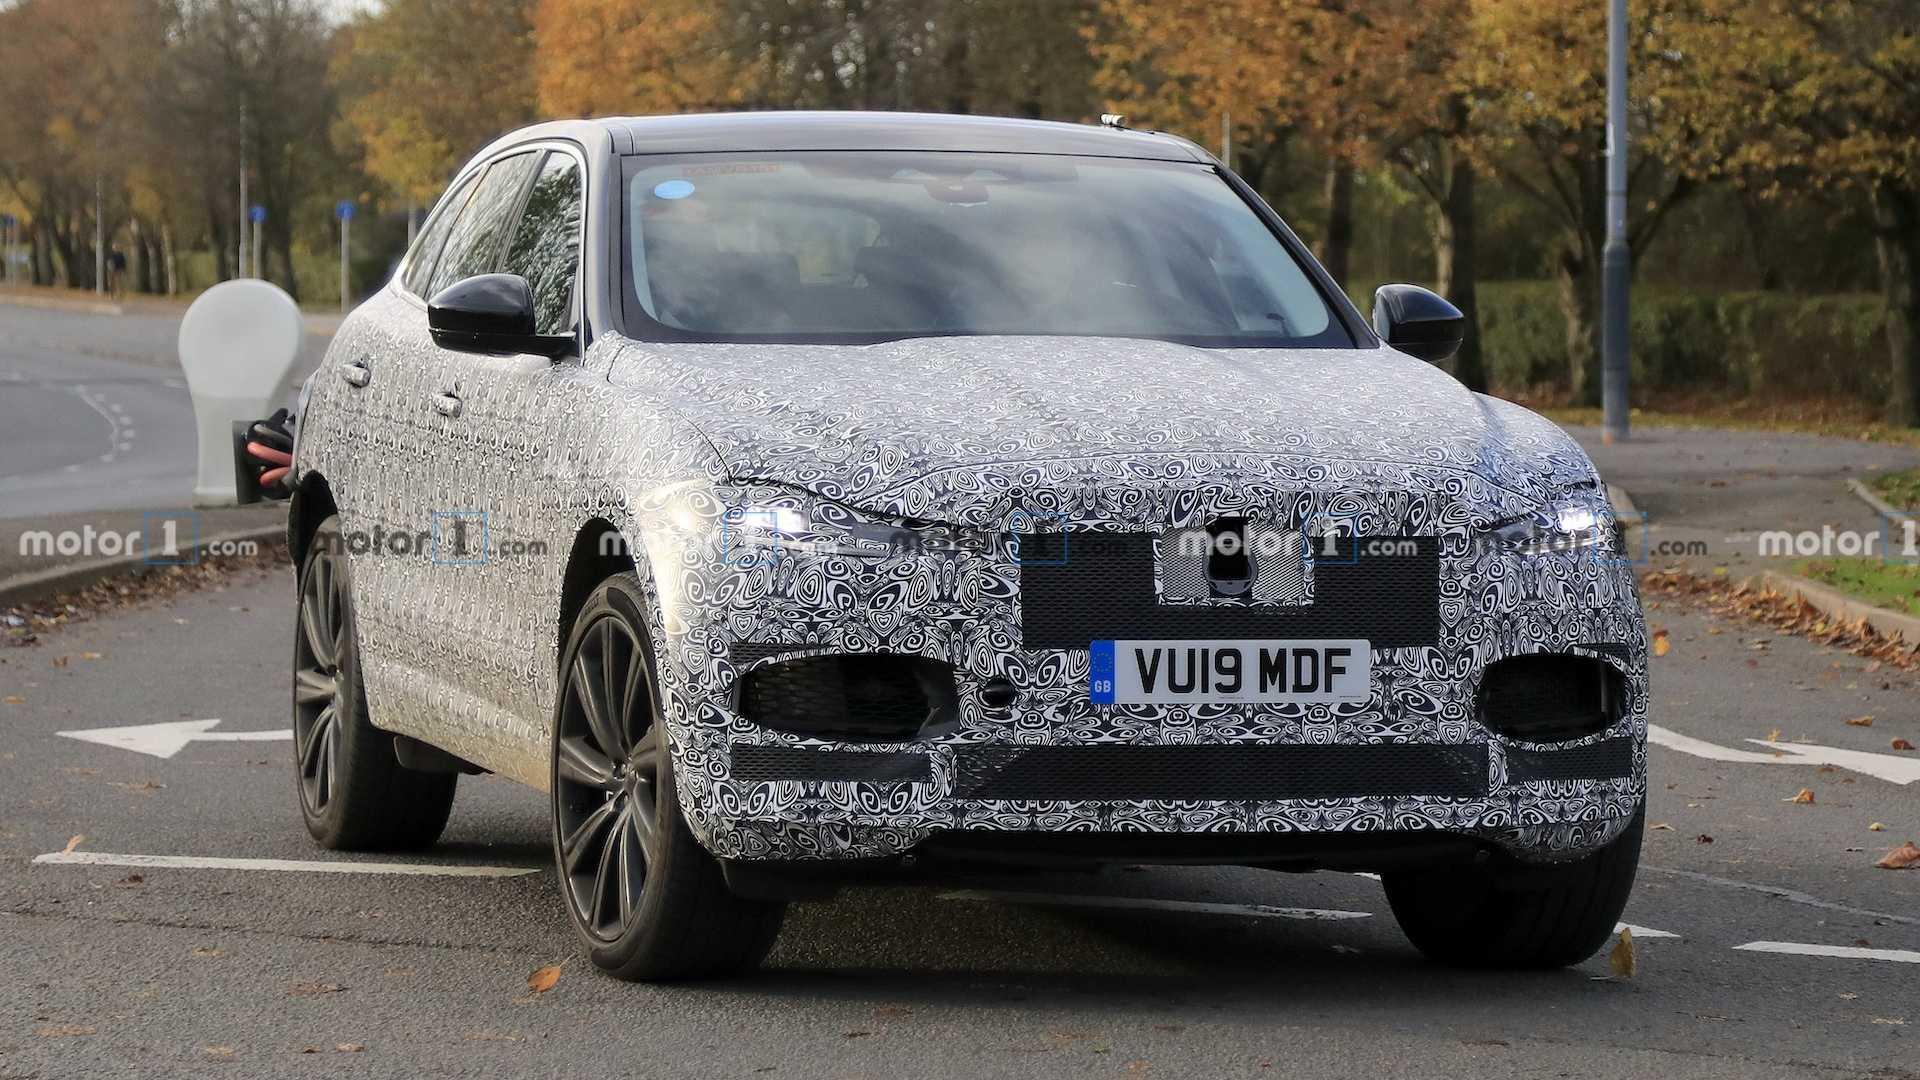 Дебют обновленного Jaguar F-Pace должен состояться в 2020 году, тогда же ожидаются и первые поставки. А пока фотошпионы ловят на тестах закамуфлированный прототип.